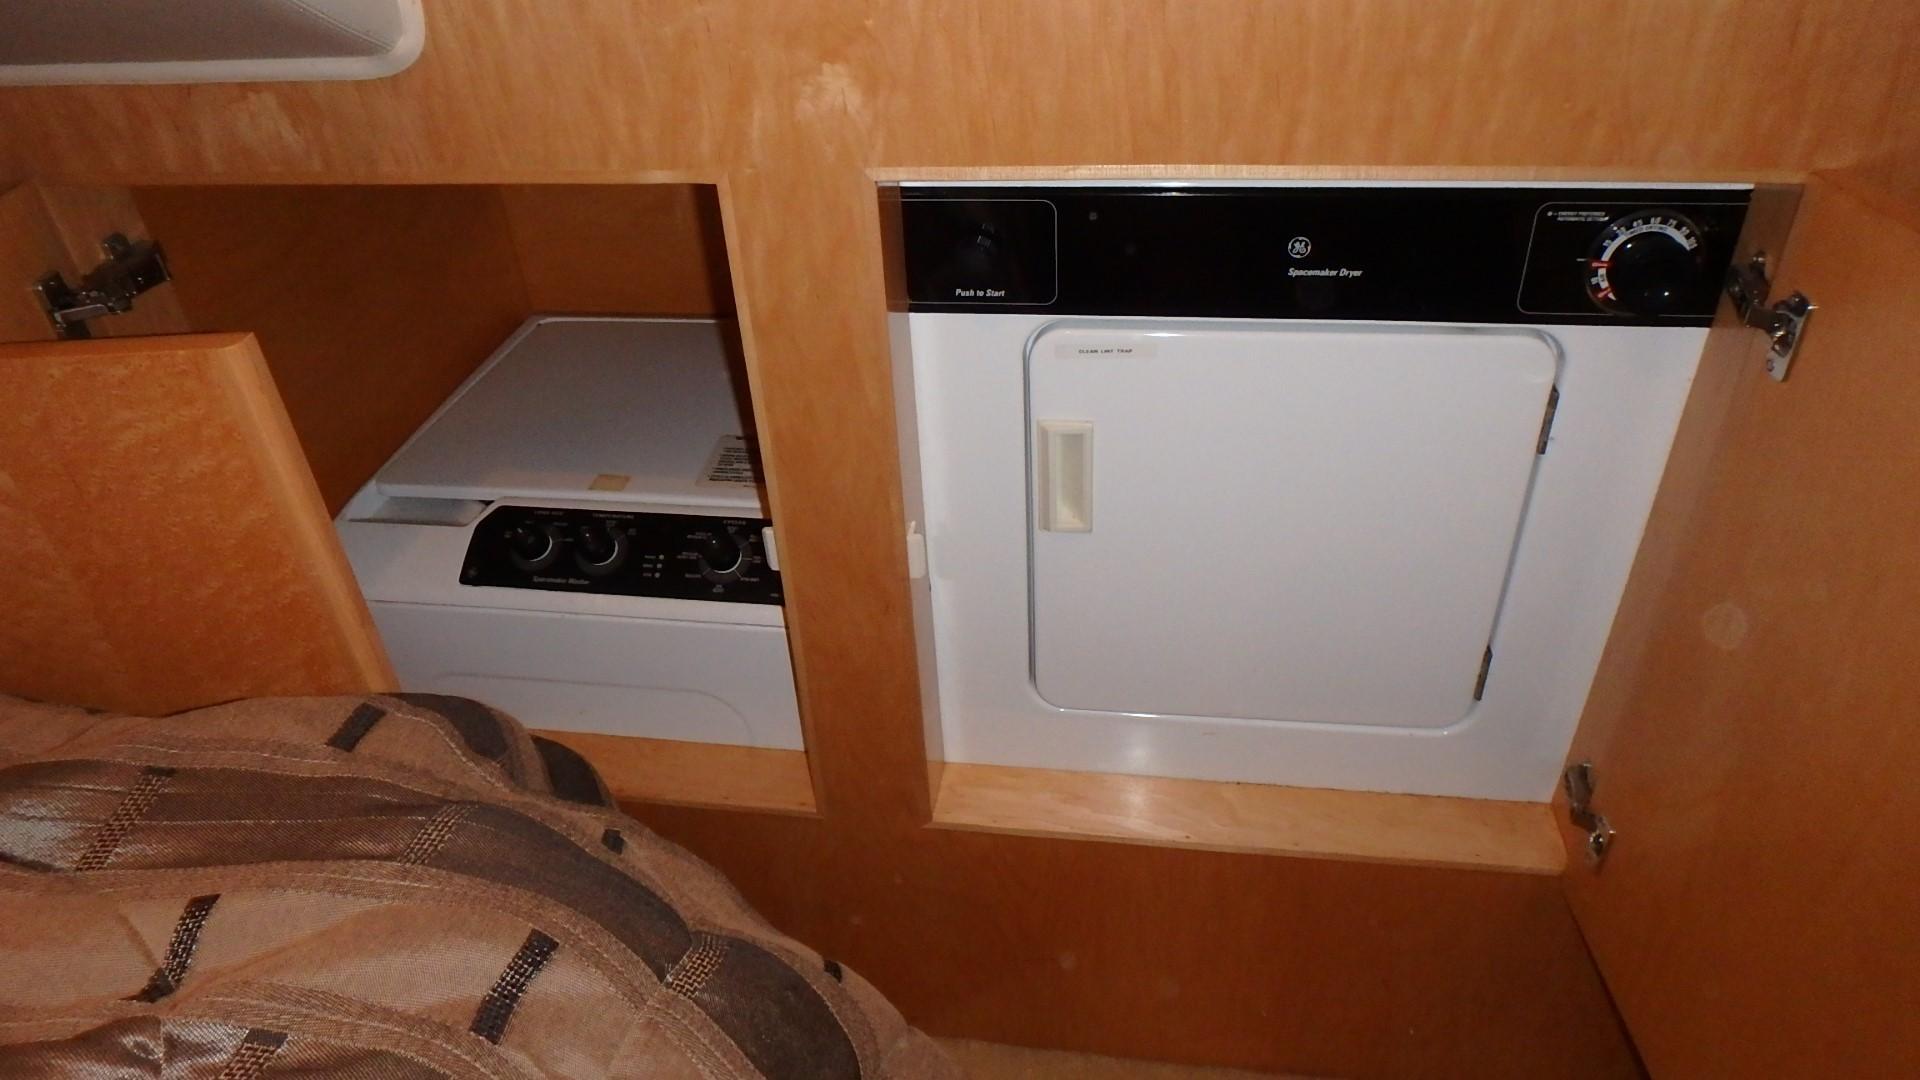 Navigator 4800 CLASSIC - Washer Dryer